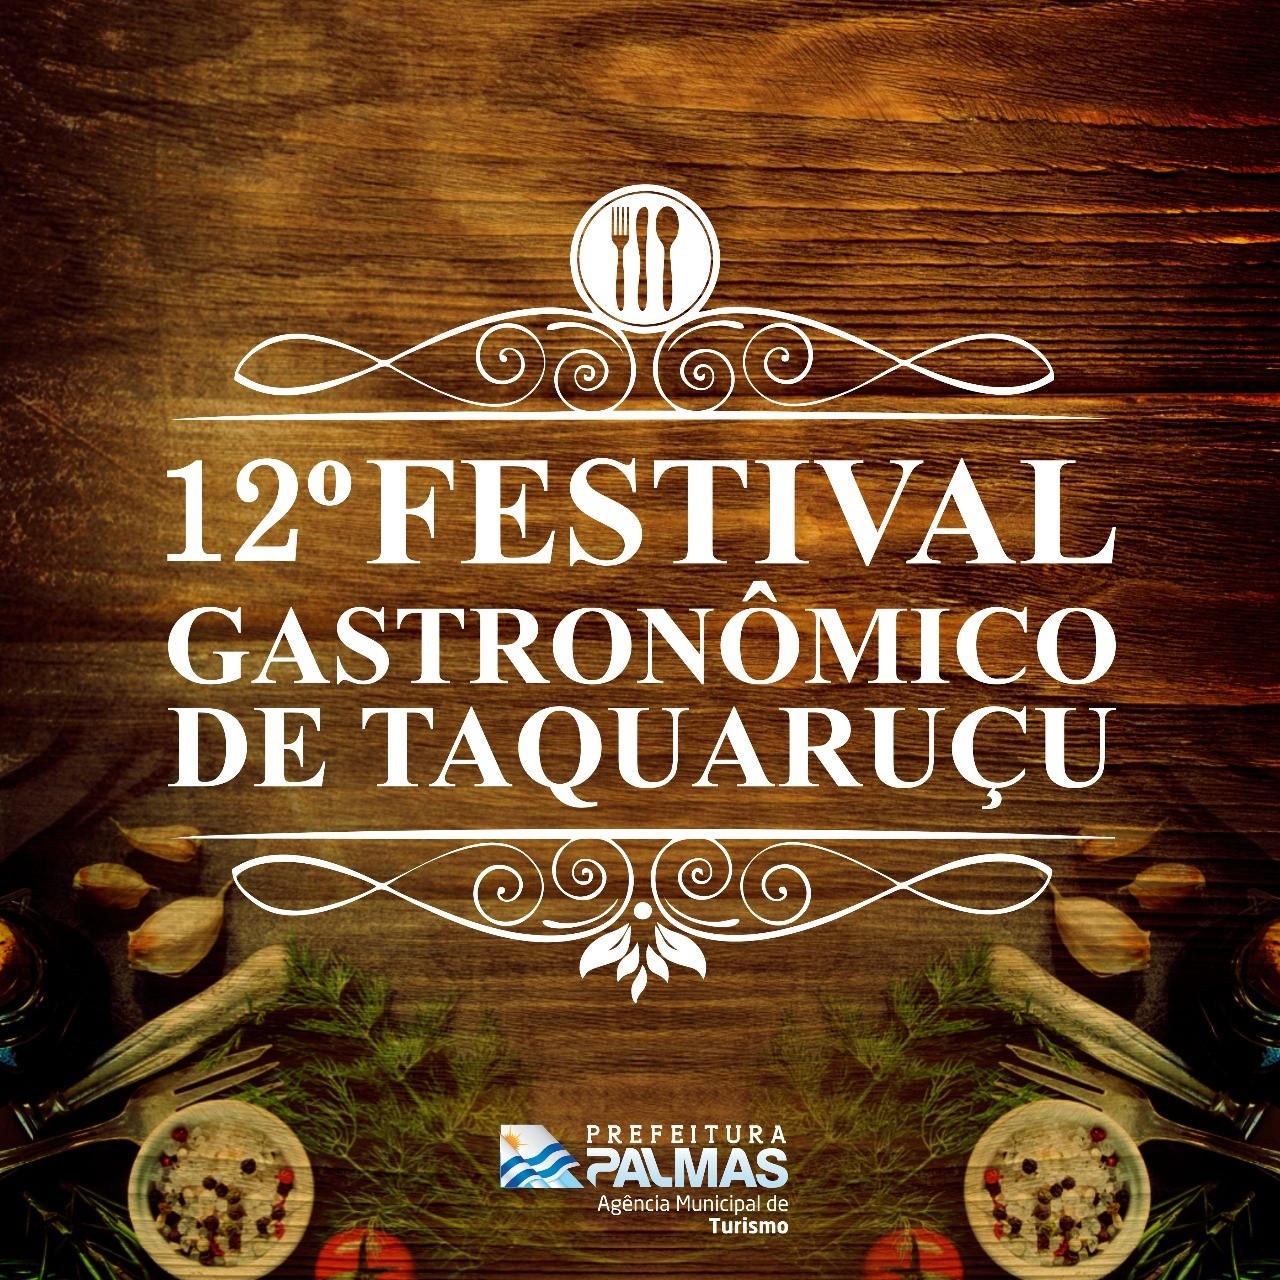 Cursos de capacitação para 12º Festival Gastronômico de Taquaruçu iniciam nesta quarta-feira, 15